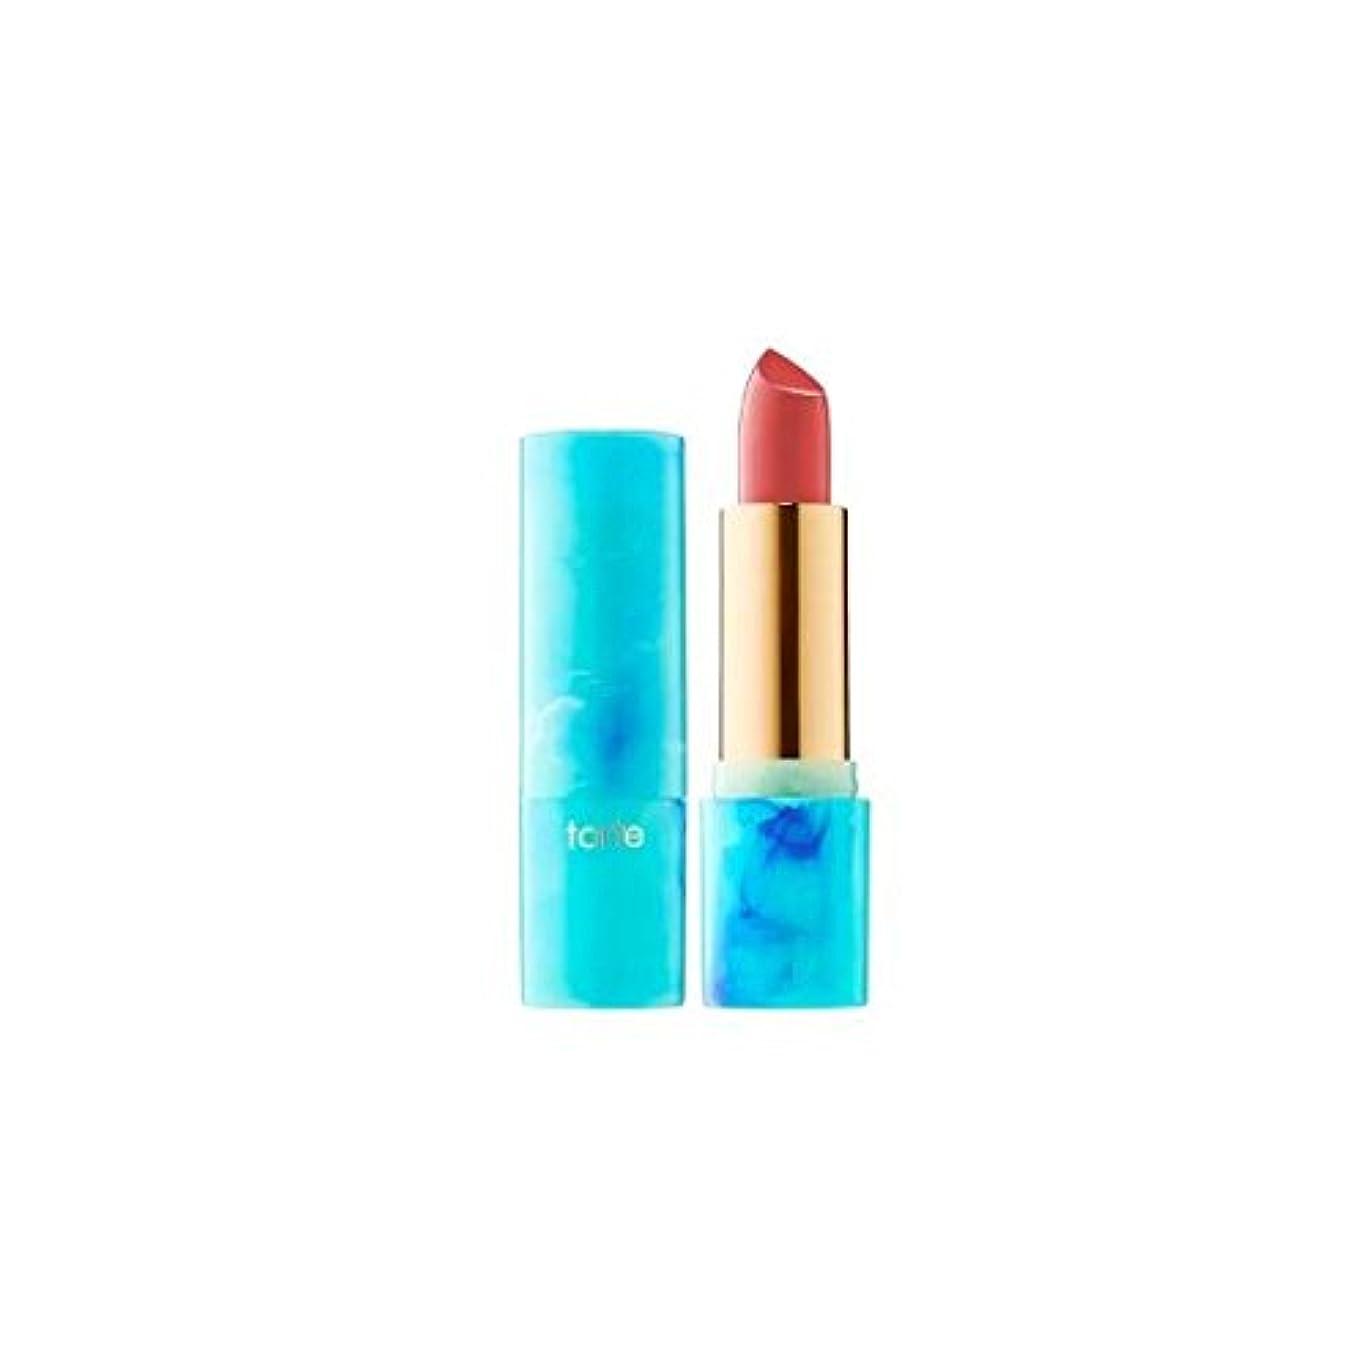 カテゴリー何十人も田舎tarteタルト リップ Color Splash Lipstick - Rainforest of the Sea Collection Satin finish